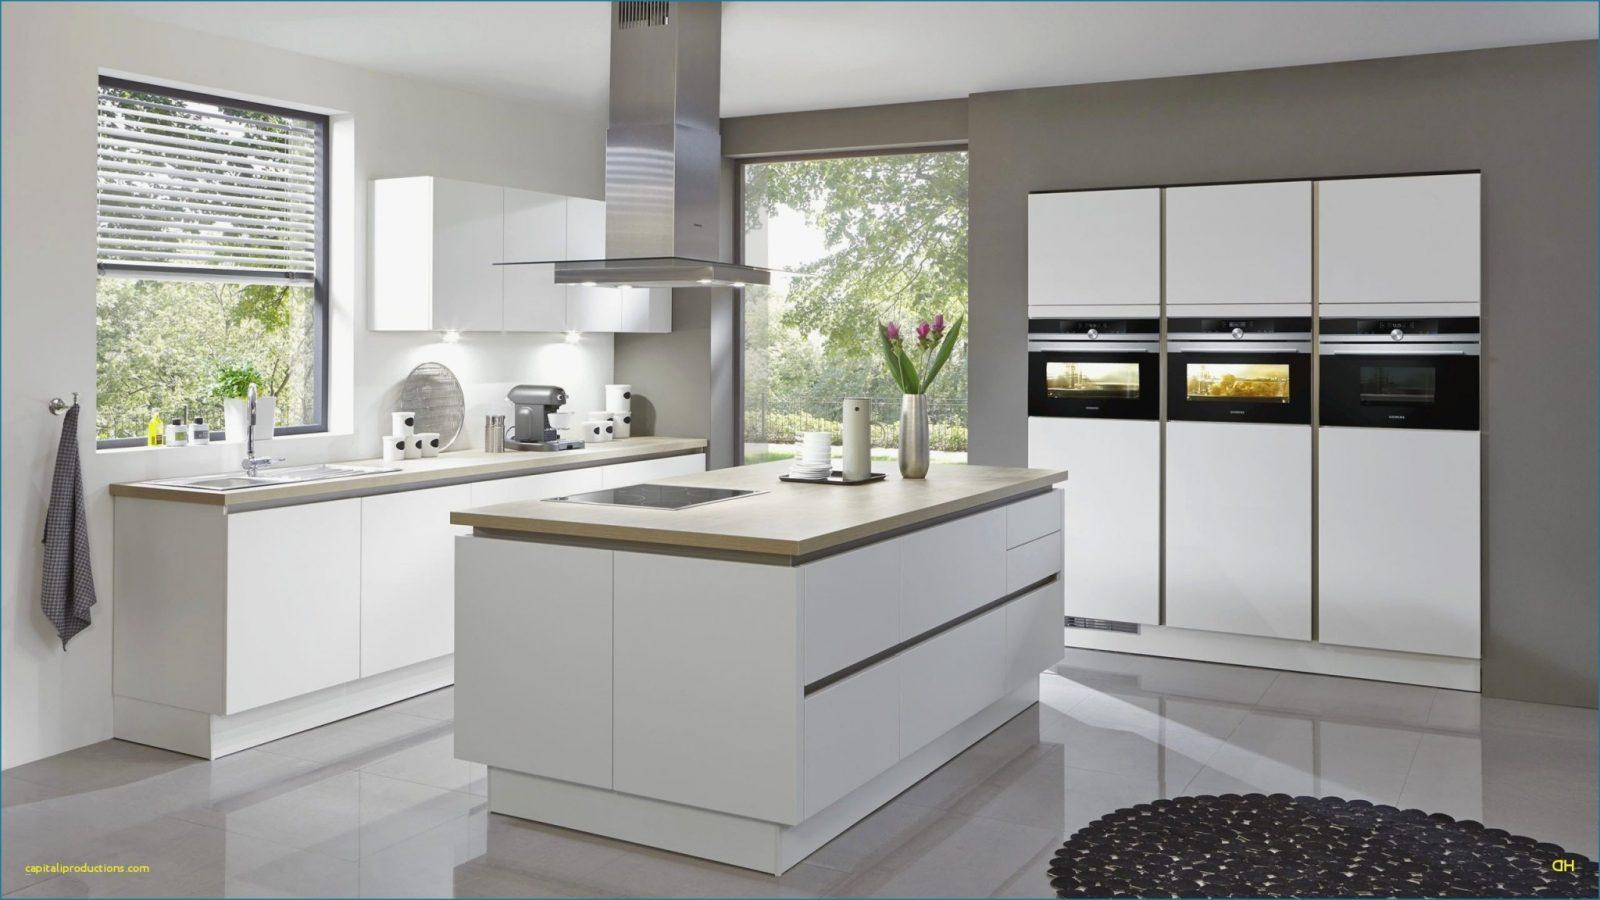 Küchen Tapeten Abwaschbar — Haus Möbel von Abwaschbare Tapeten Für Die Küche Bild